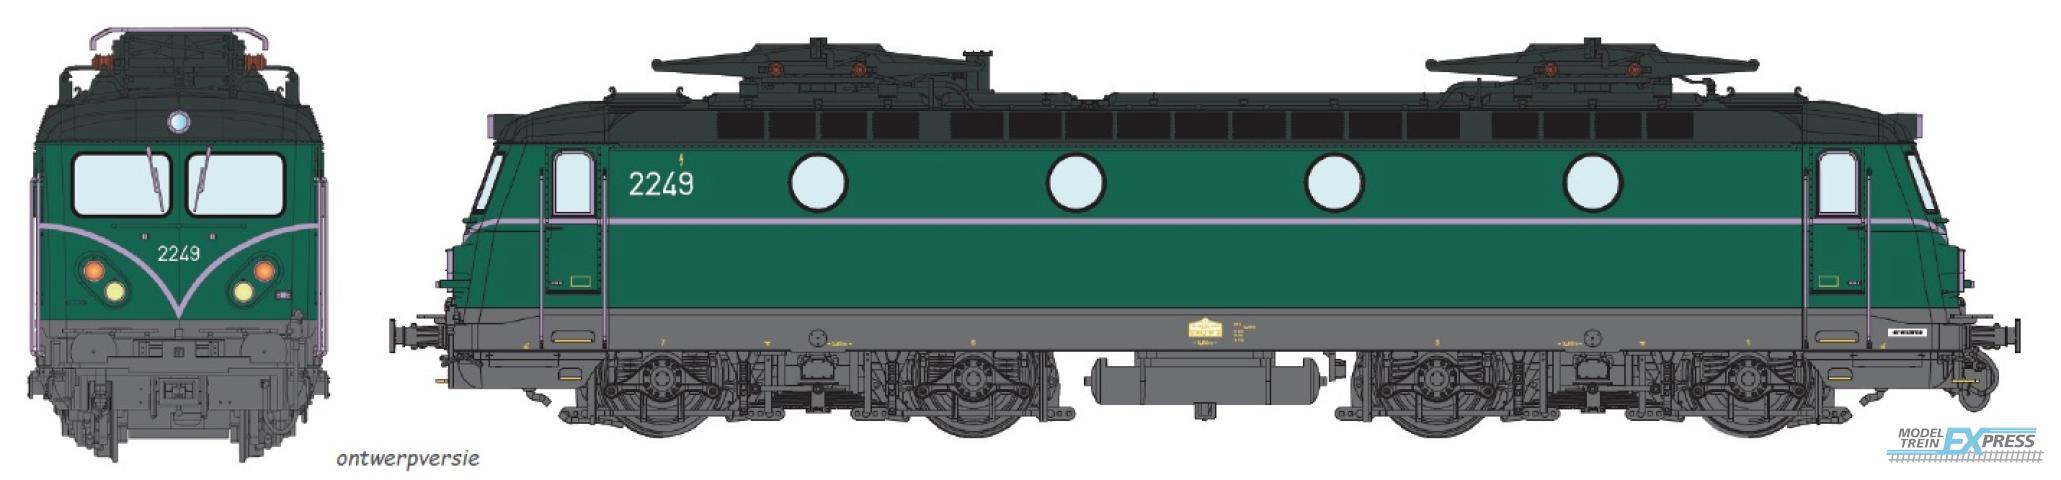 B-Models 3306.04